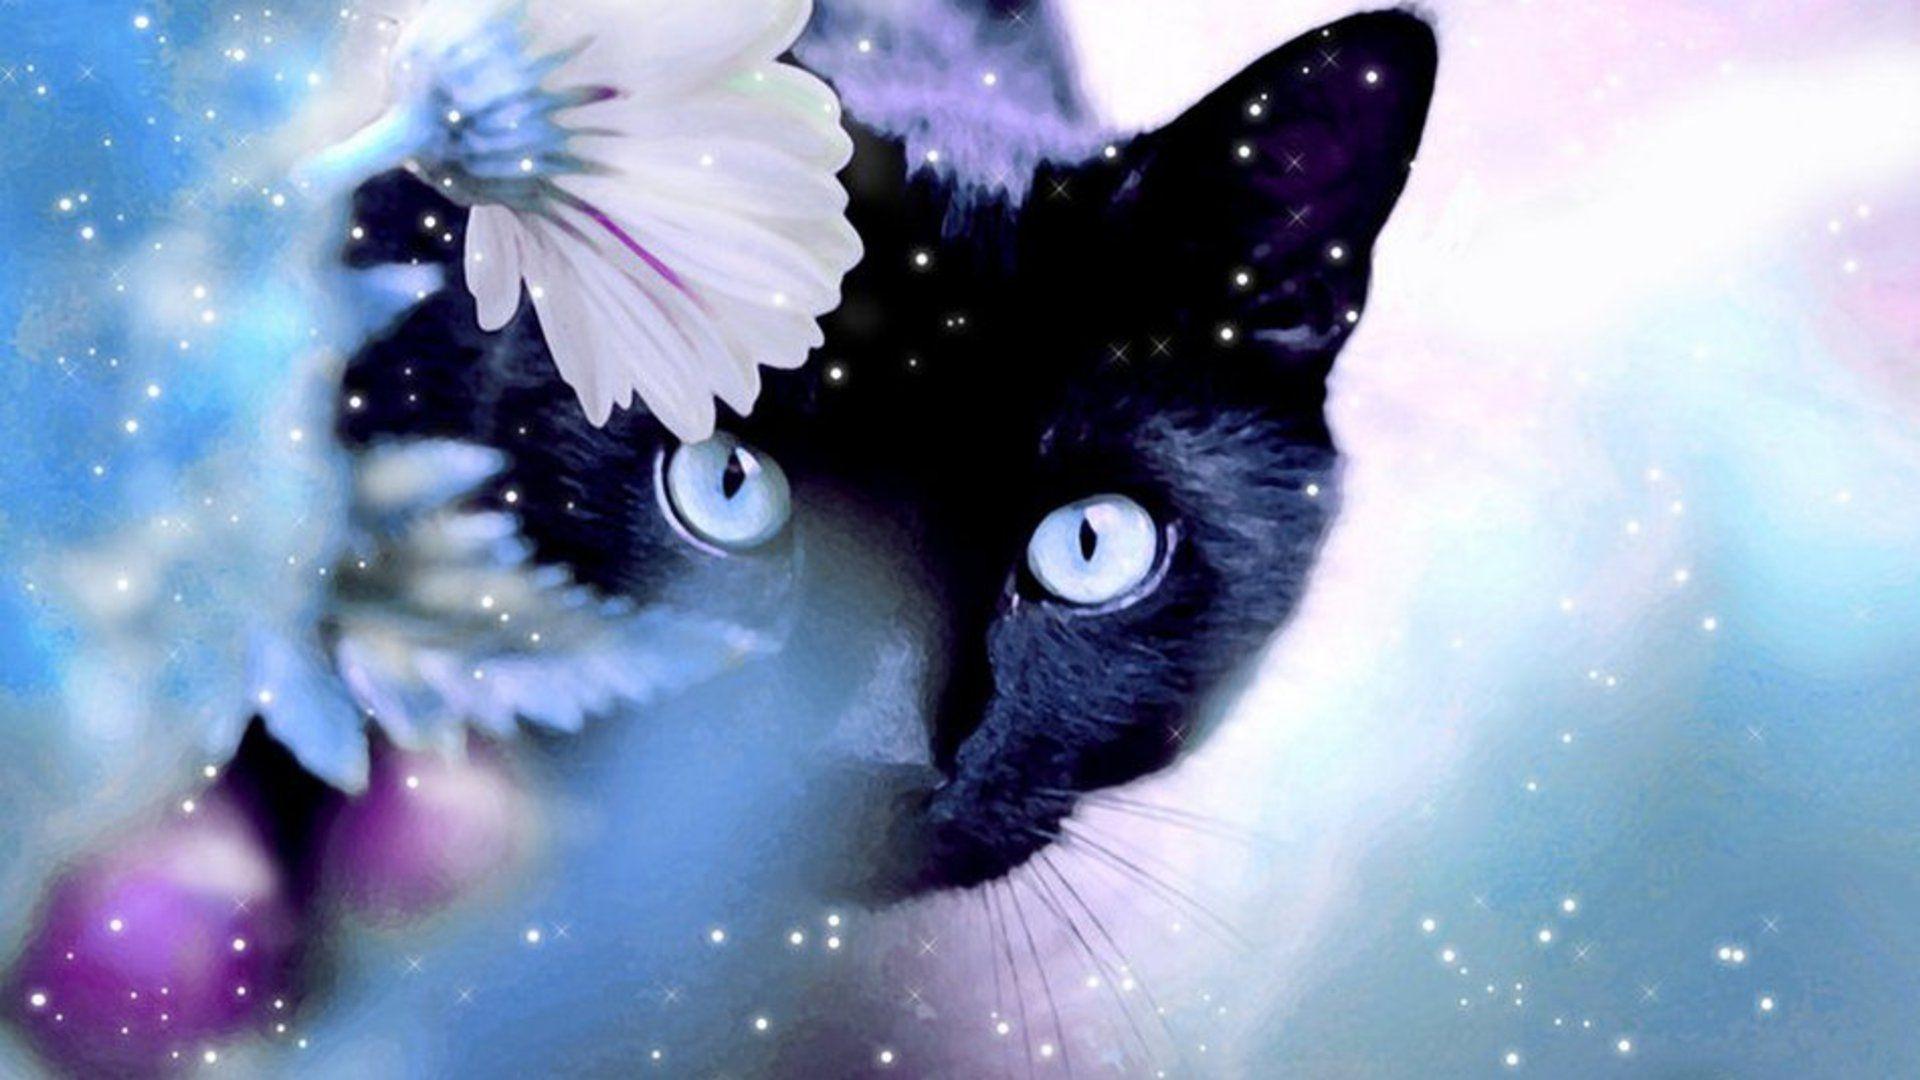 Most Inspiring Wallpaper Cat Mystical - 30e1084553d8ca54afd32389ba05ed45  Gallery_41416 .jpg